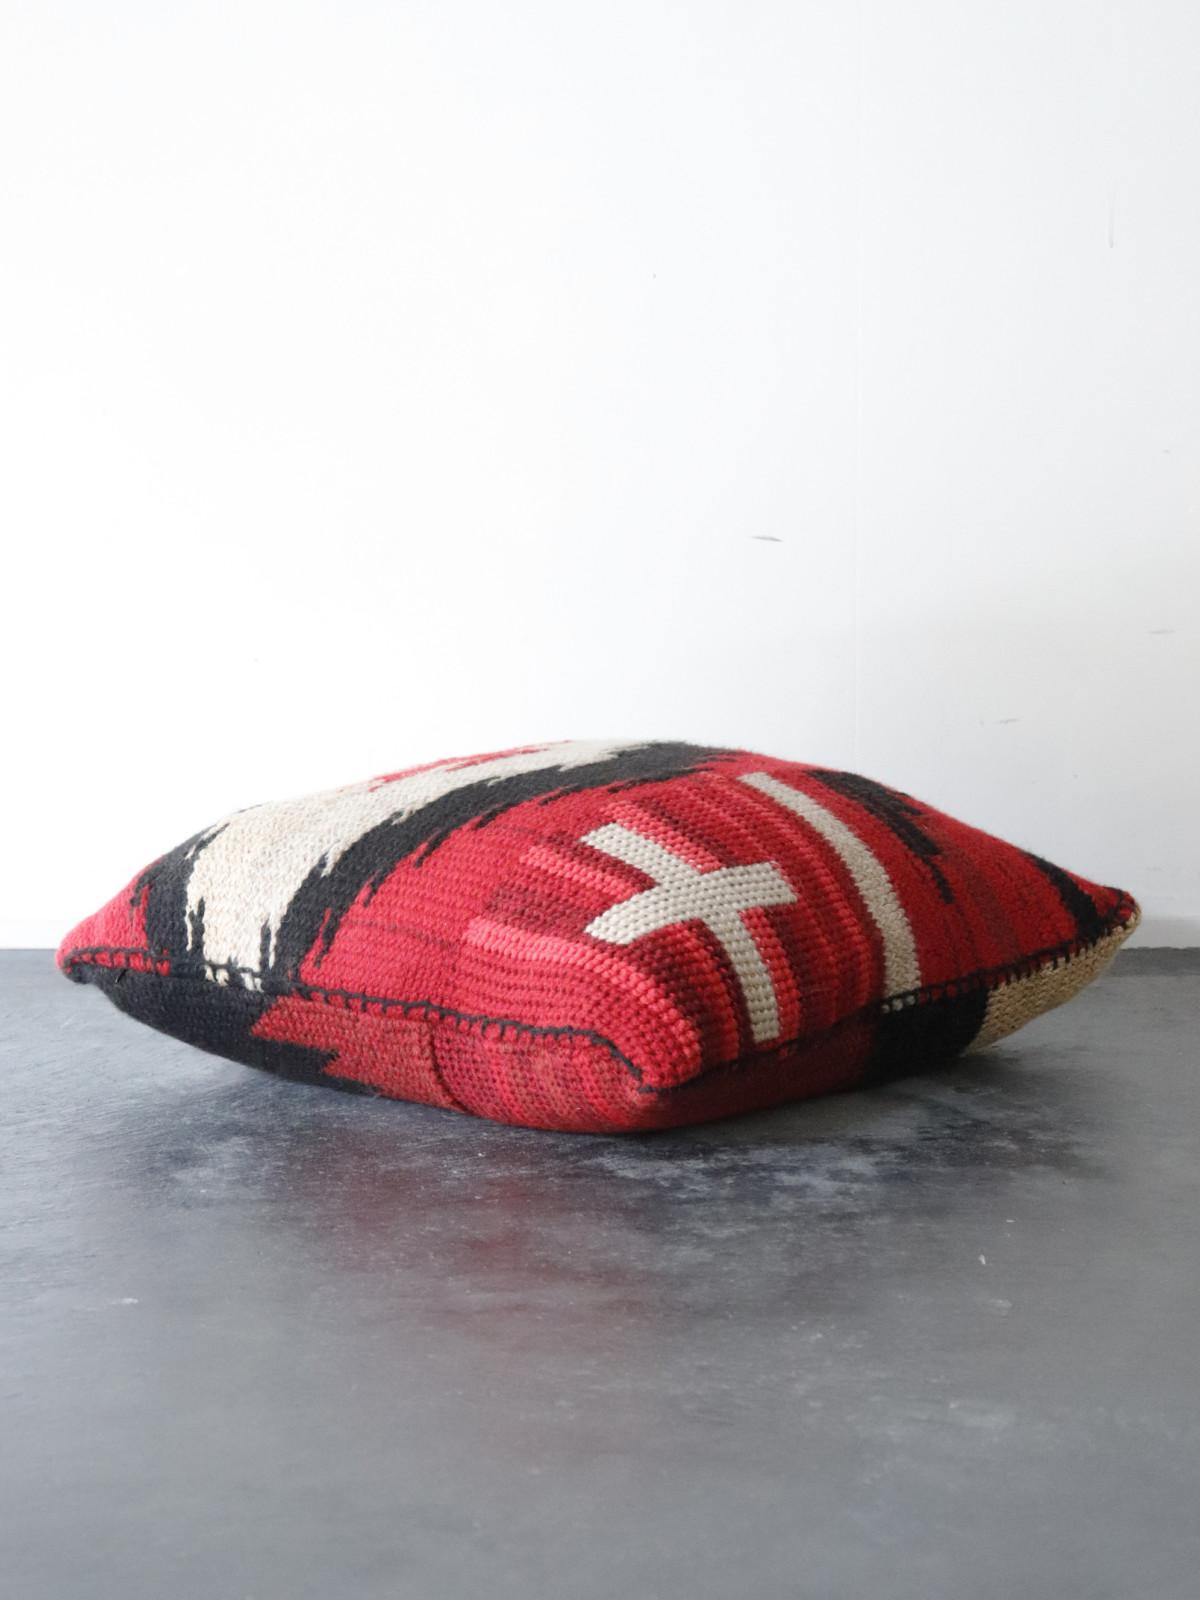 Ralph Lauren,knit,patchwork,cushion,USA